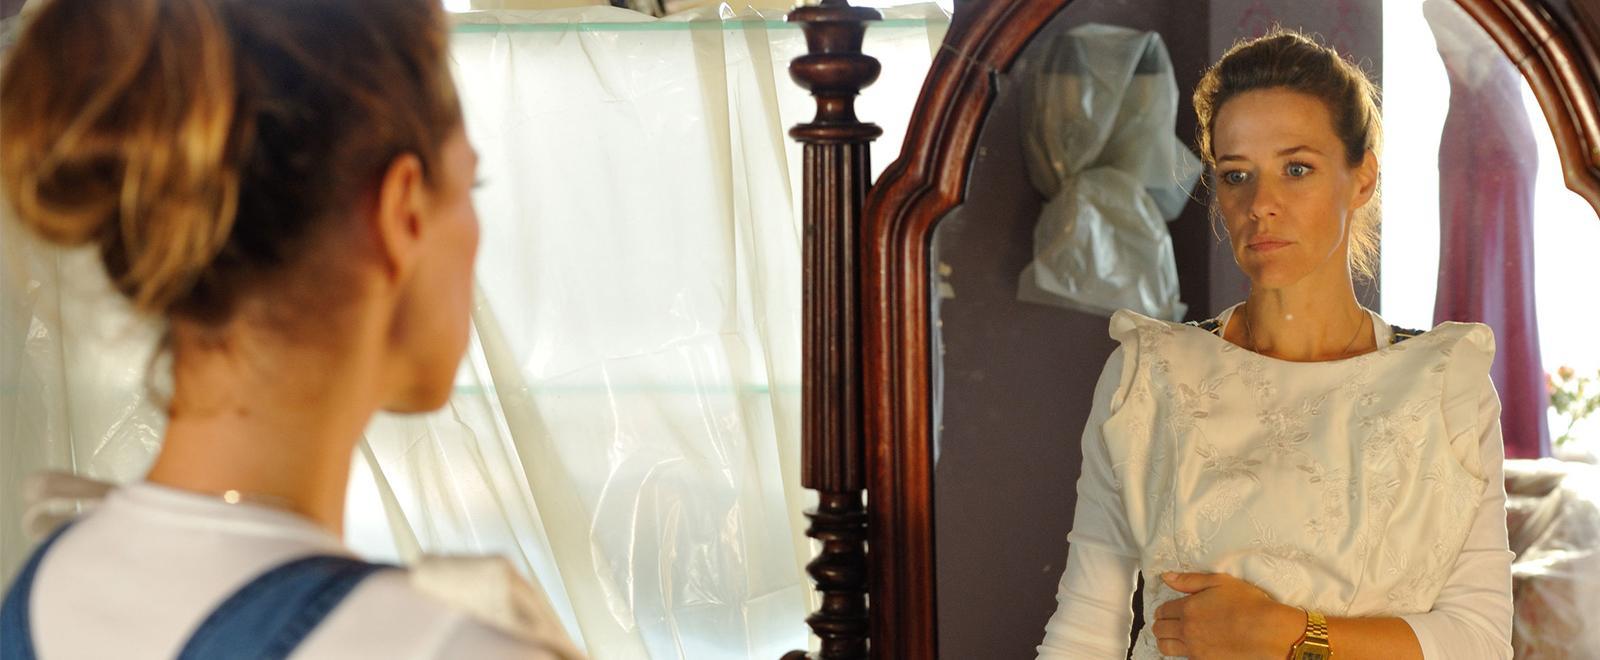 Rosa la wedding planner - Nessuno e' perfetto